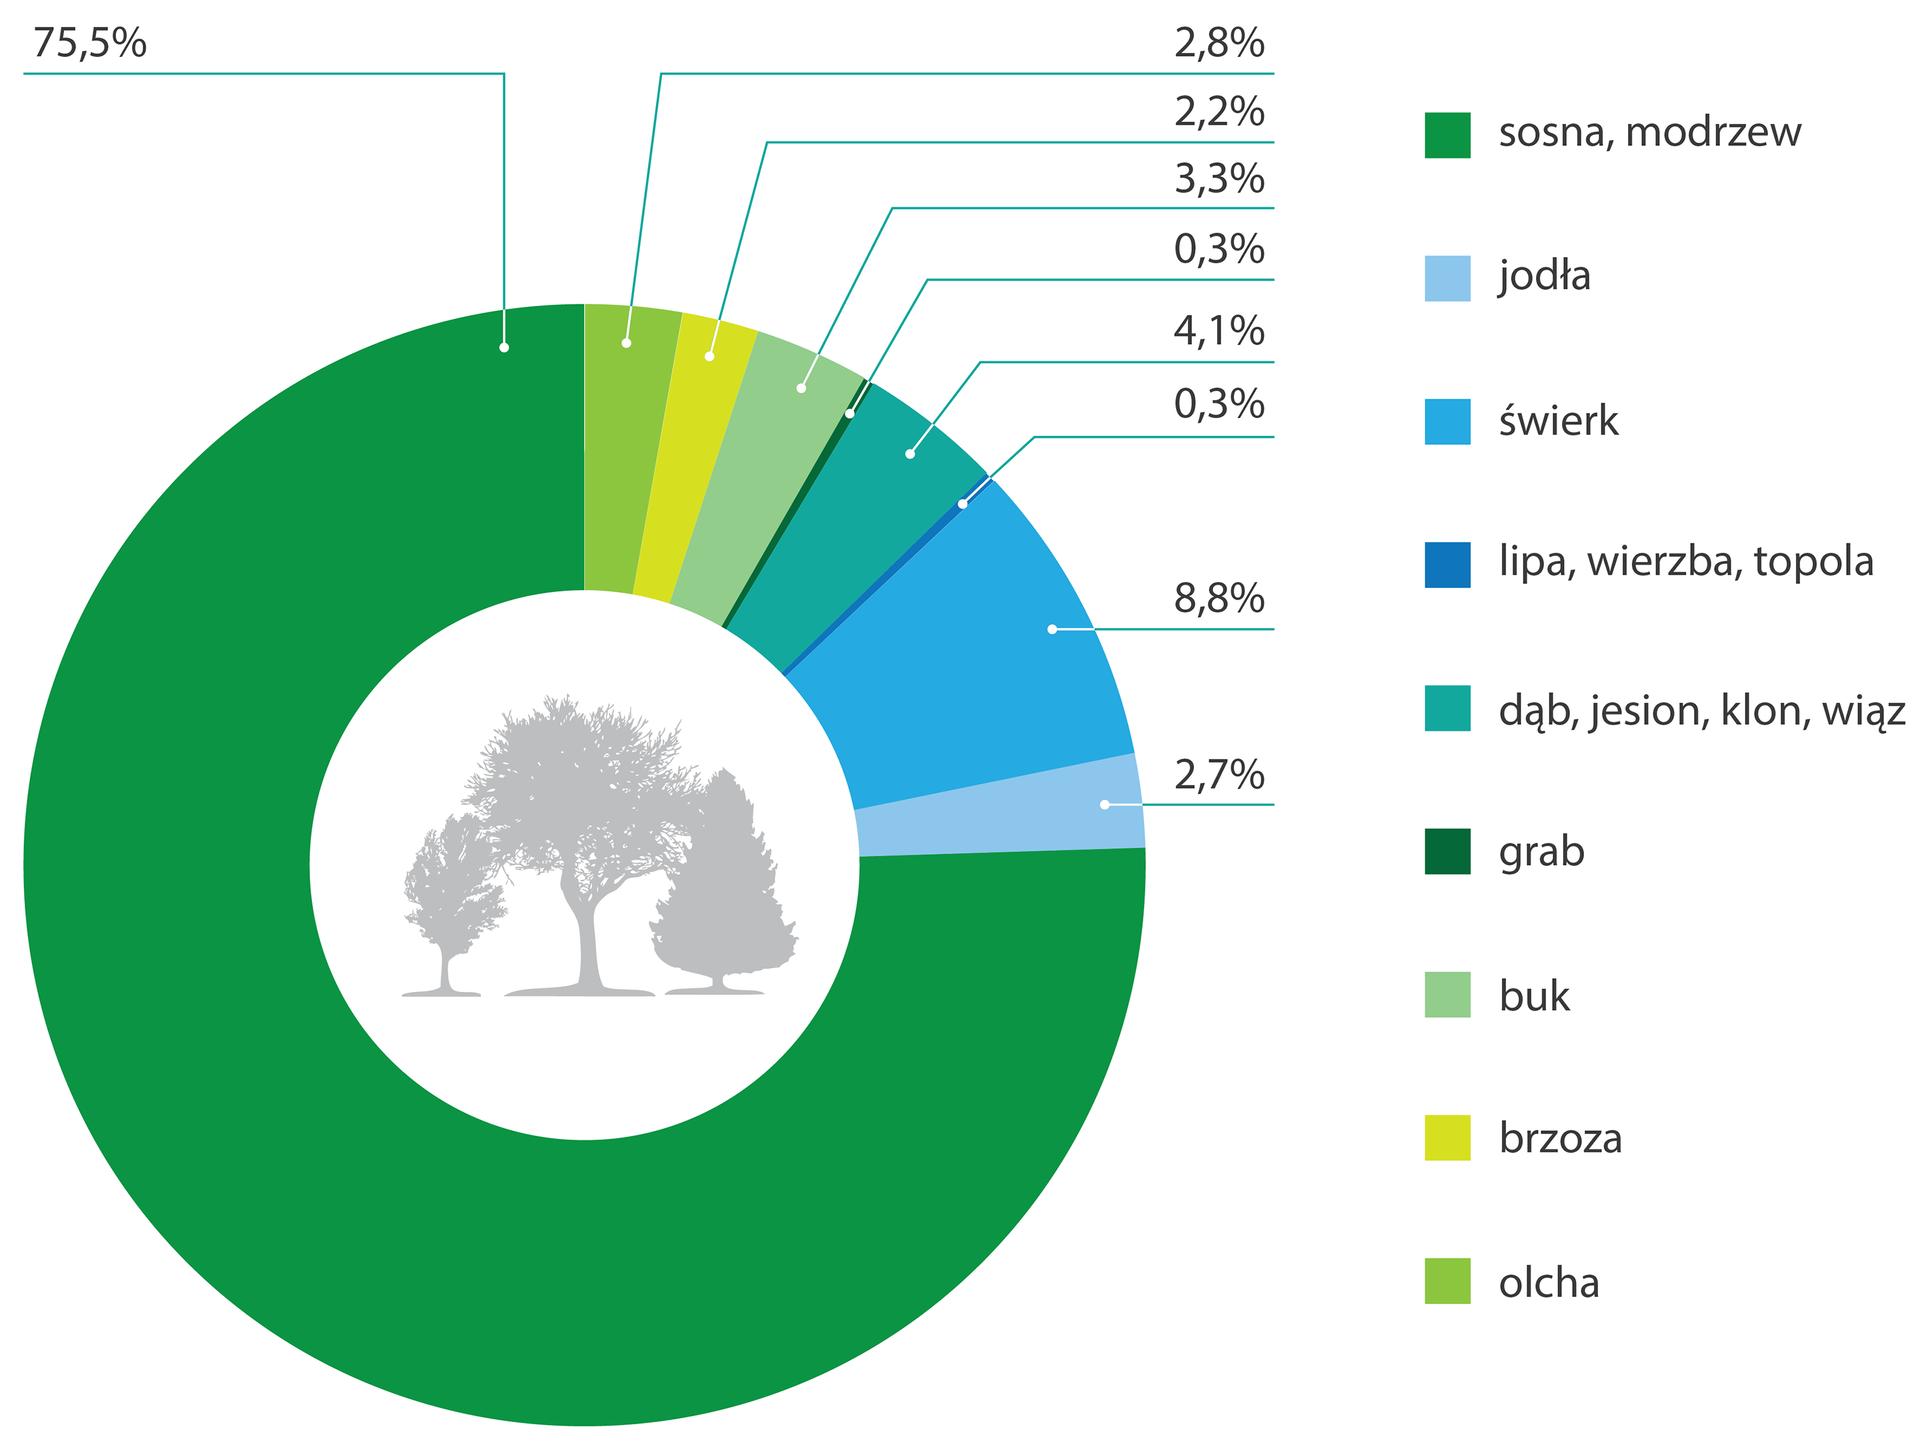 Wykres kołowy prezentujący udział różnych gatunków drzew wpolskich lasach. Wśrodku koła widnieją sylwetki trzech różnych drzew. Na obwodzie koła kolorami zaznaczono udział poszczególnych gatunków drzew: ciemnozielony – 75,5% sosna modrzew, niebieski – 8,8% świerk, ciemnoniebieski – 4,1% dąb, jesion, wiąz iklon, zielony – 3,3% buk, jasnozielony – 2,8% olcha, jasnoniebieski – 2,7% jodła, żółty – 2,2% brzoza, granatowy – 0,3% lipa, wierzba, topola, zielony – 0,3% grab